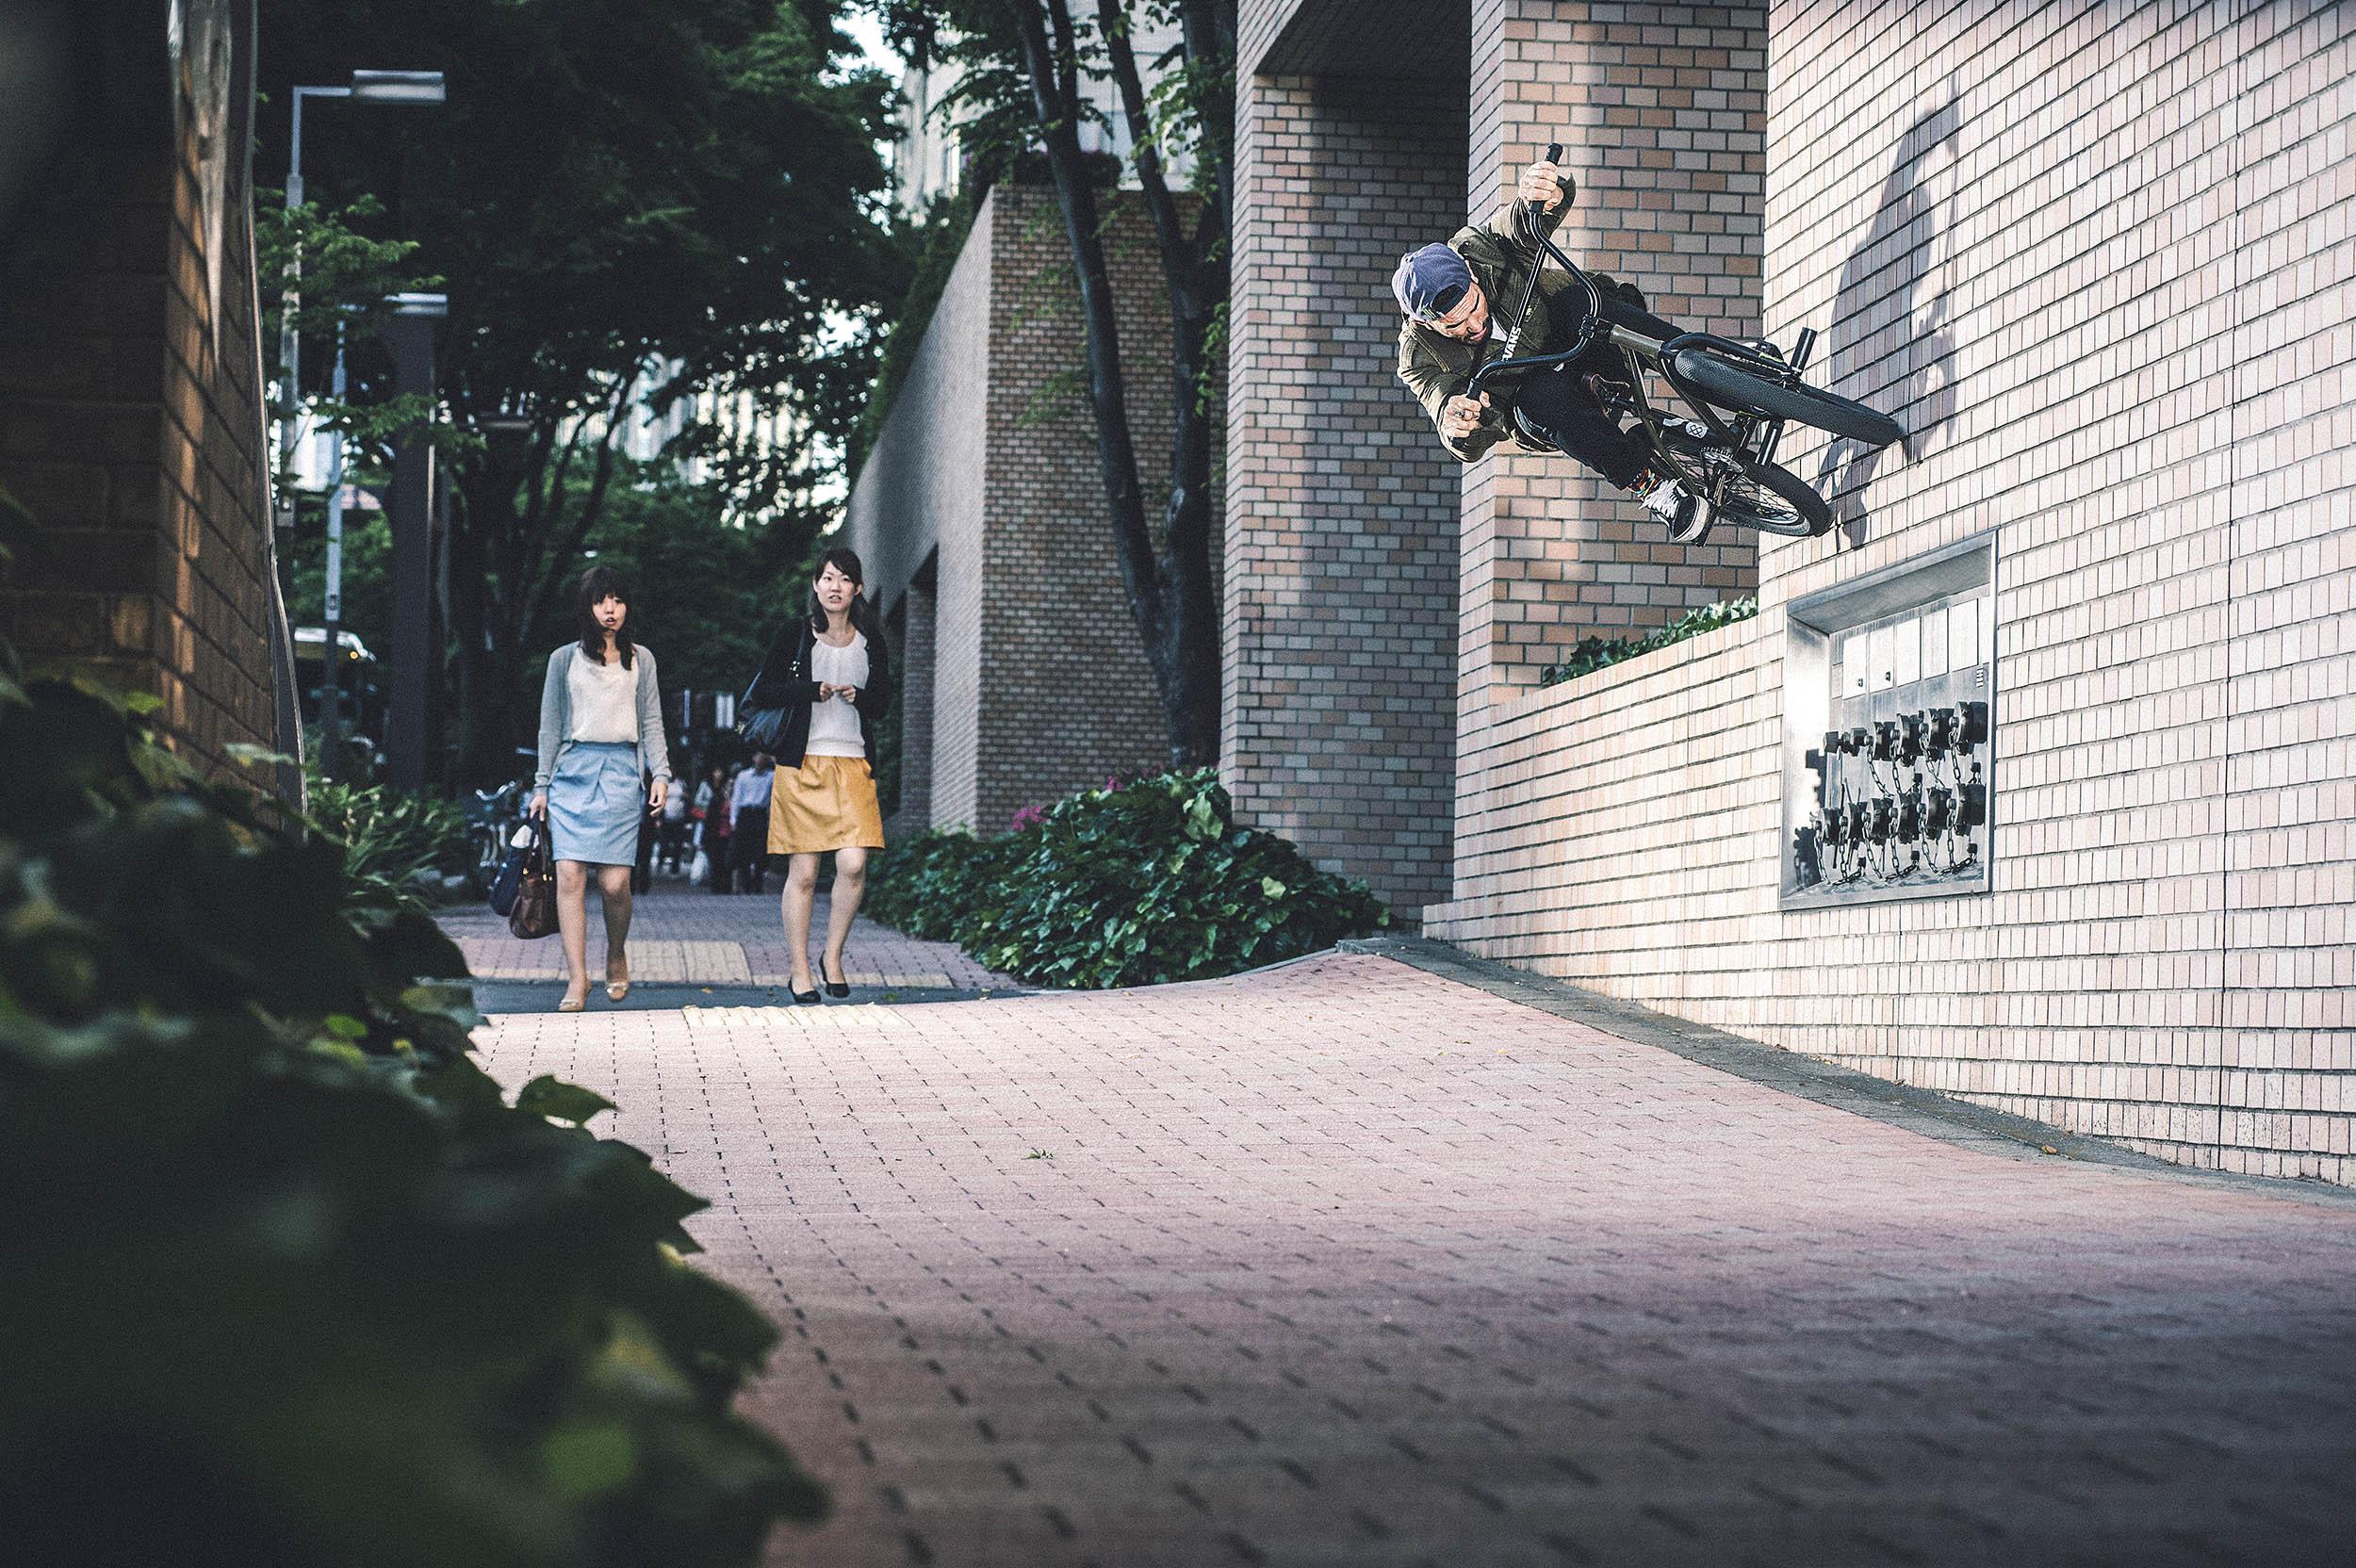 Dakota Roche for Monster Energy - Tokyo, Japan